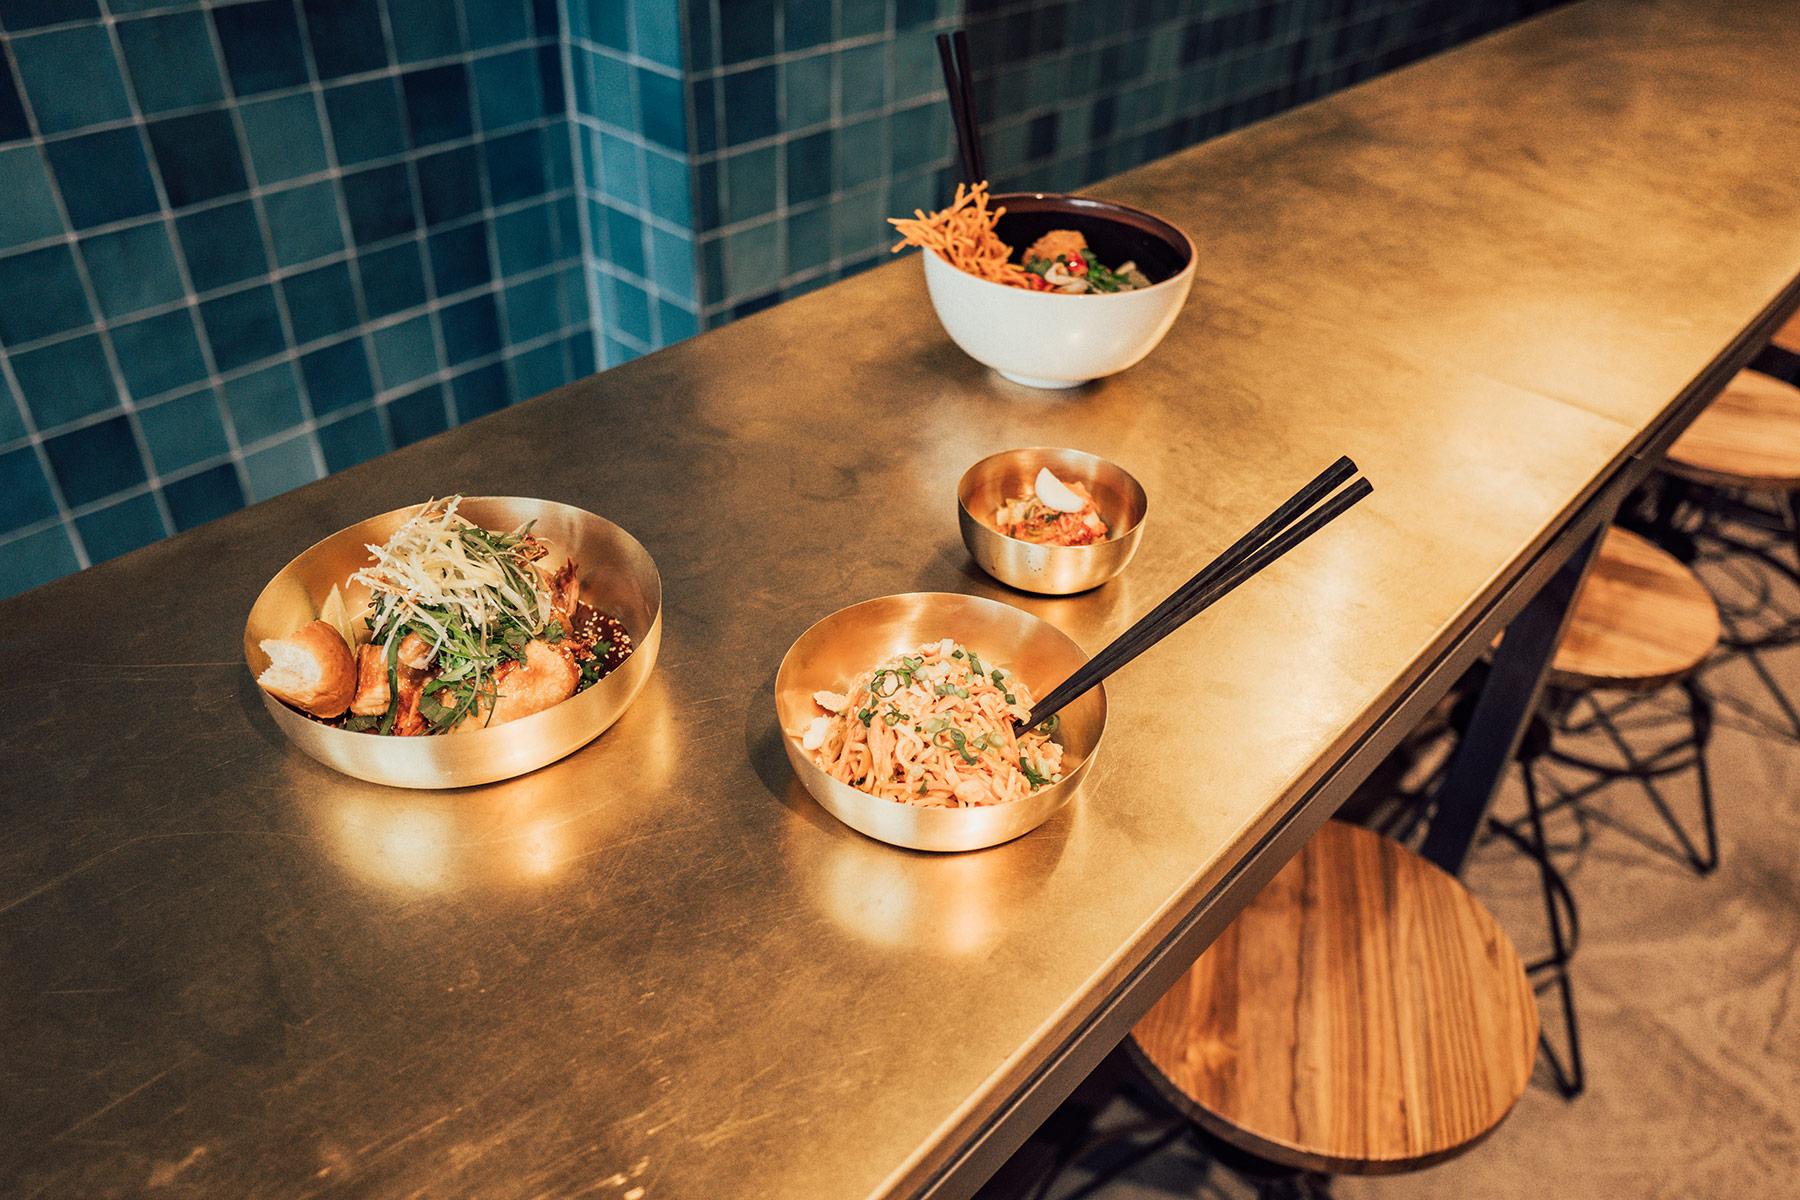 Geheimtipp Hamburg Essen & Trinken Restaurant Altstadt Mi Chii Lisa Knauer 2